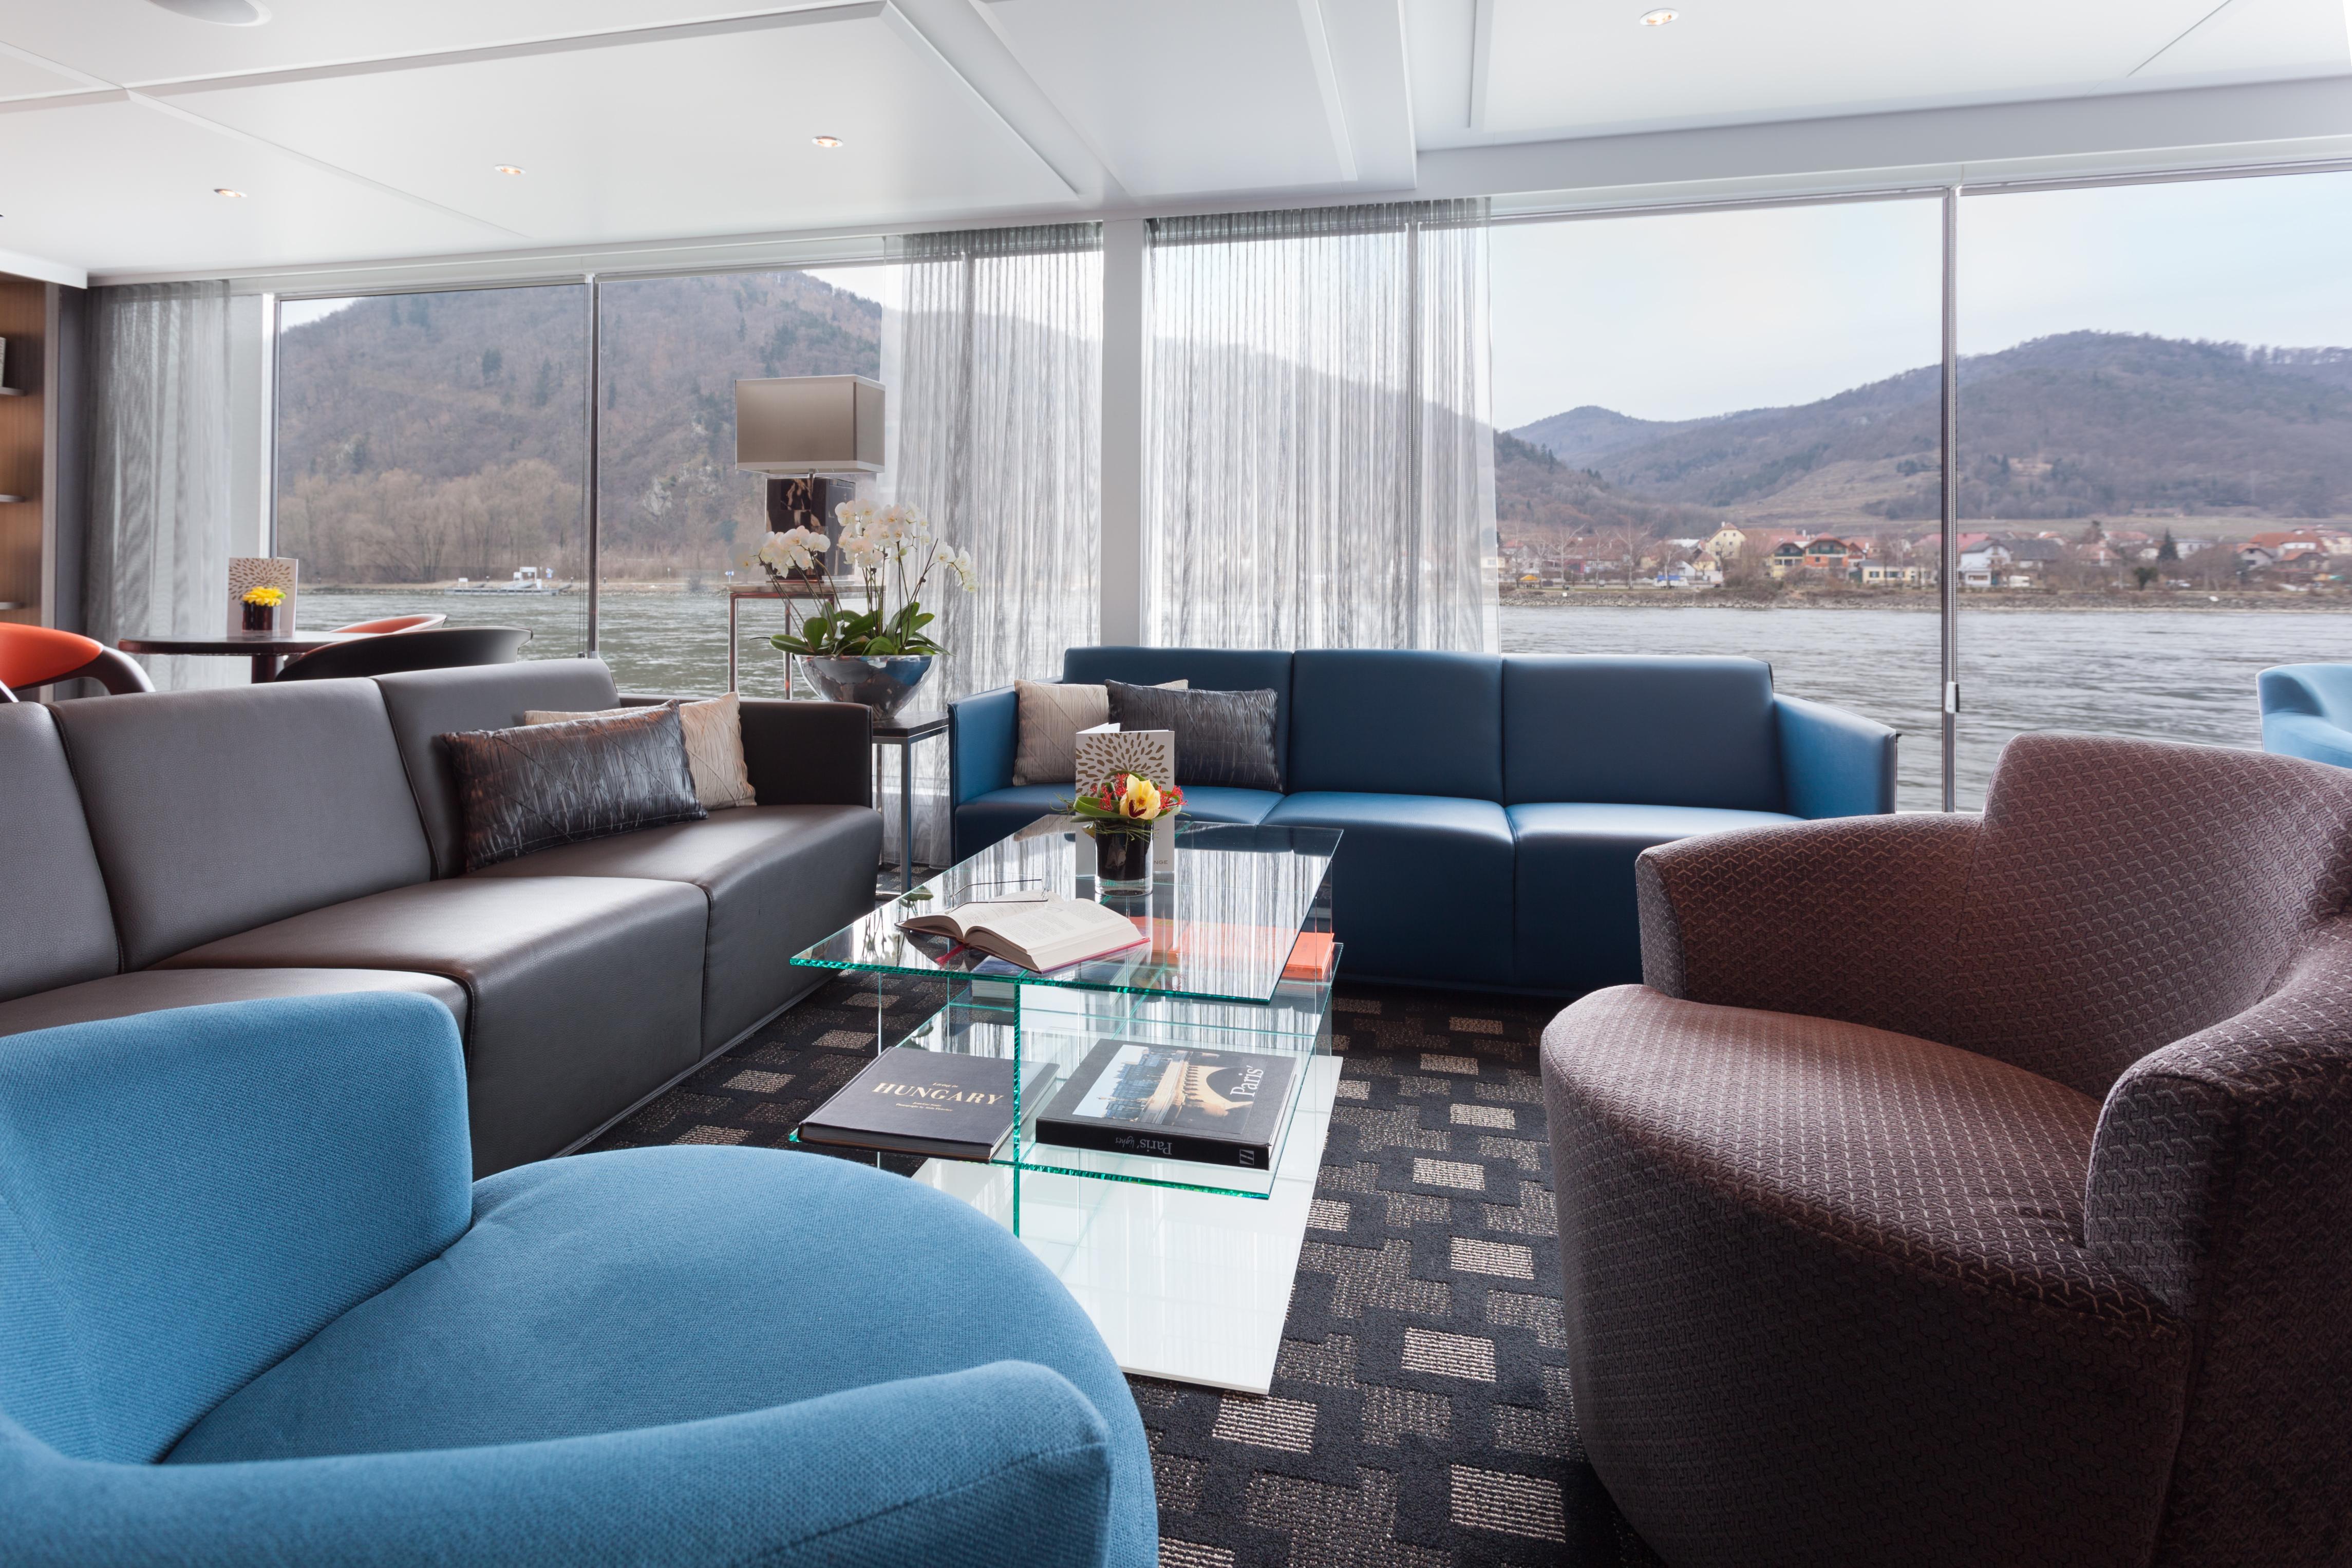 Scenic Sapphire Scenic Emerald Scenic Diamond Scenic Ruby Scenic Pearl Interior Lounge 3.jpg